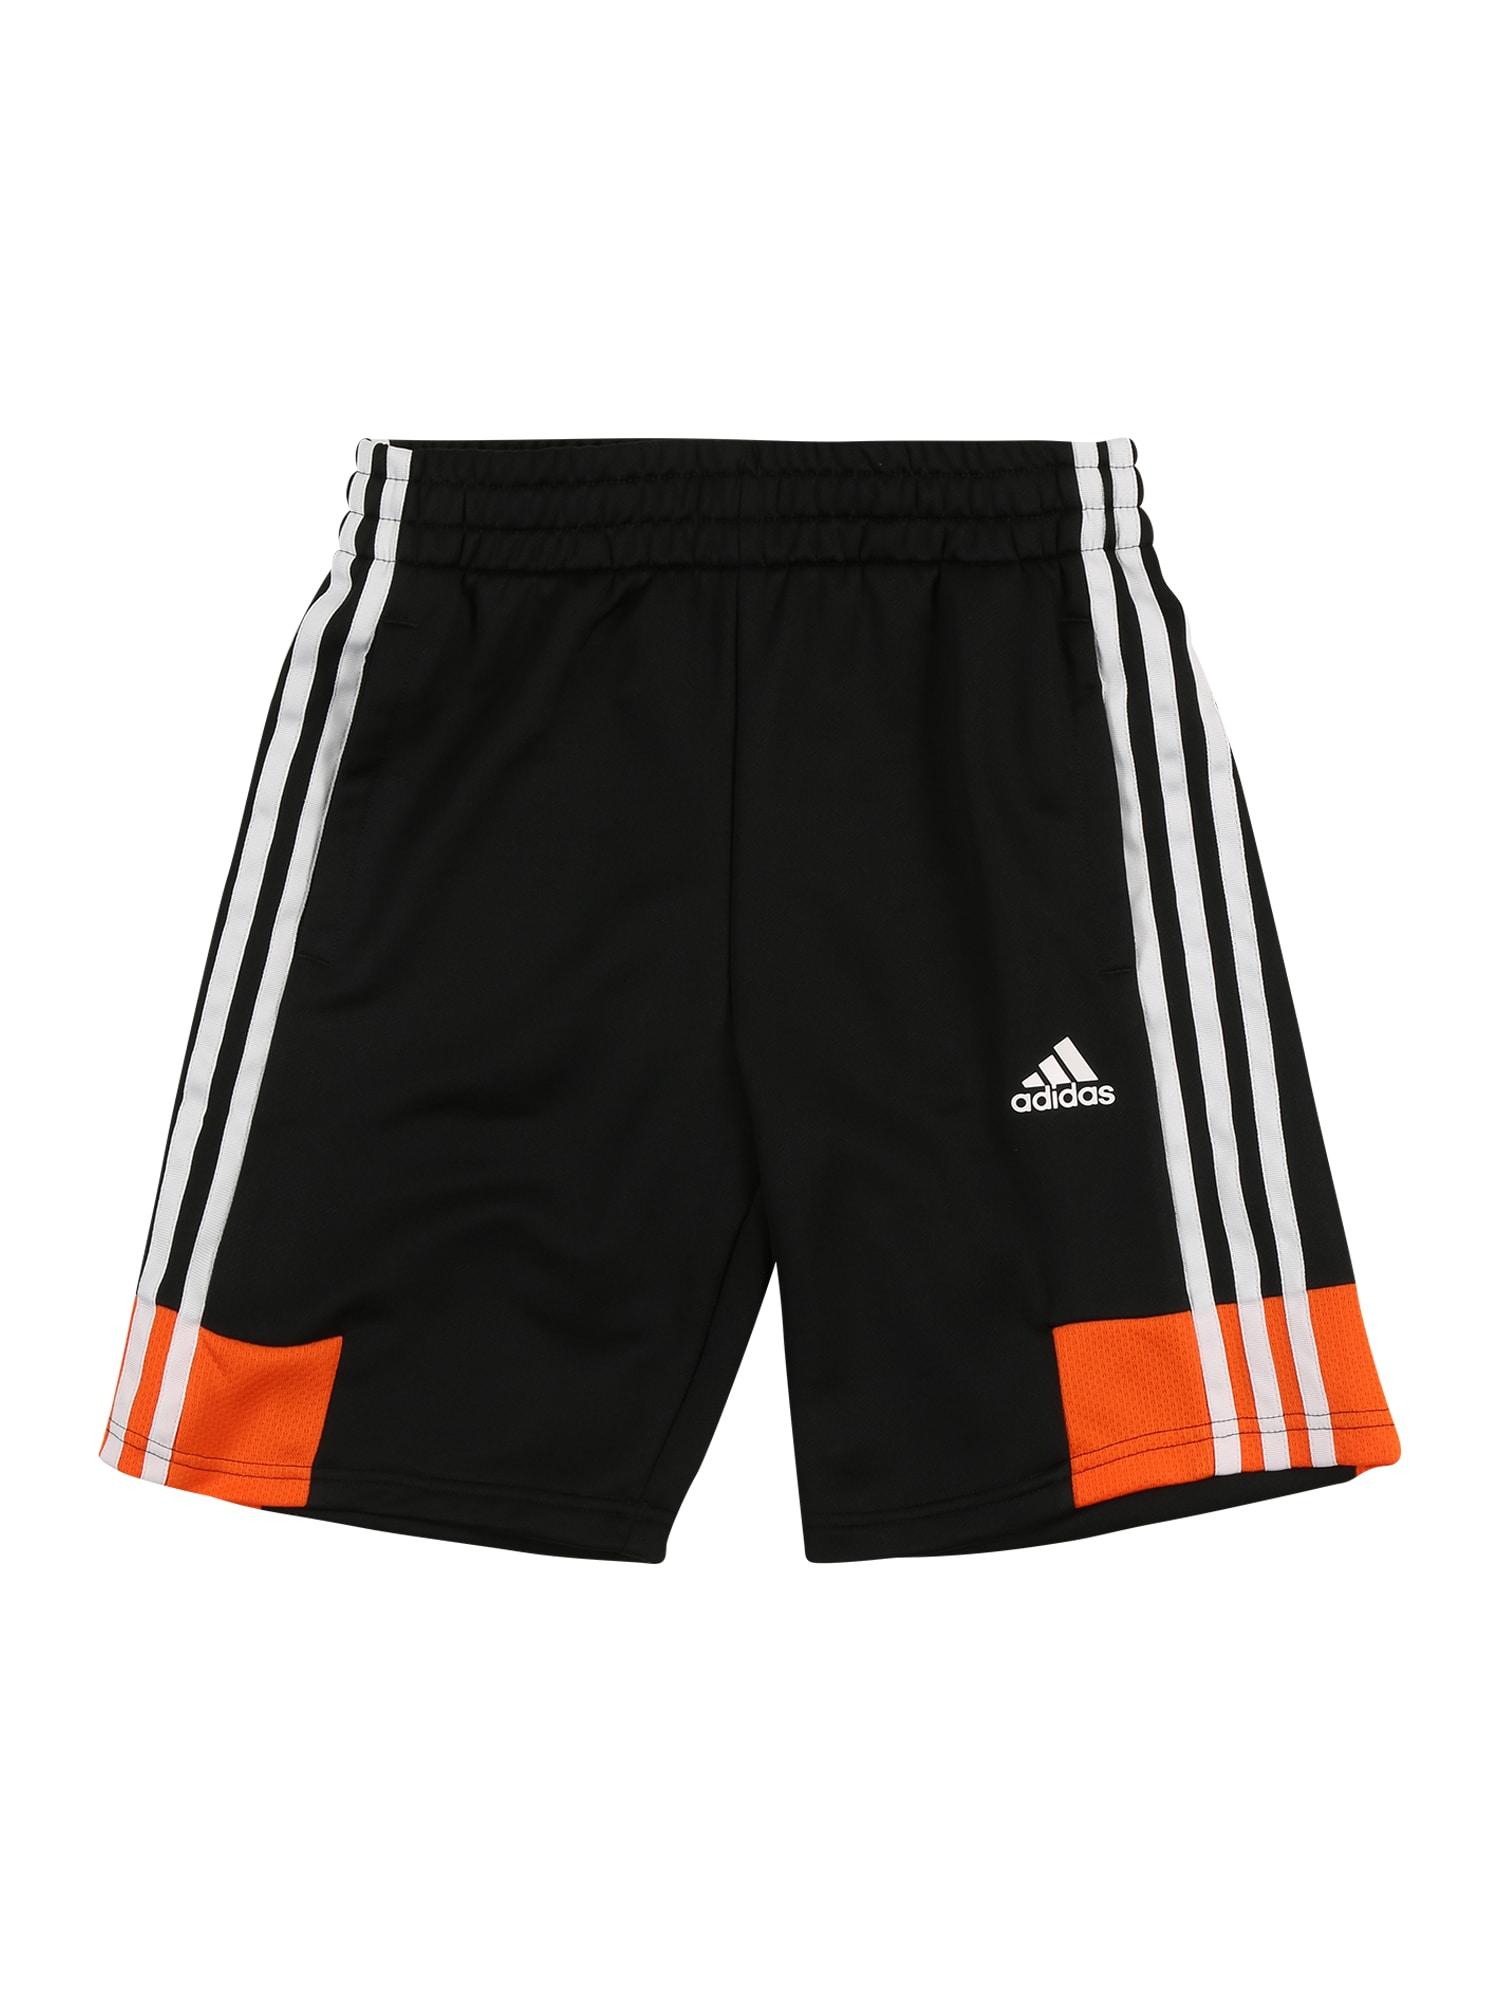 ADIDAS PERFORMANCE Sportinės kelnės balta / juoda / oranžinė